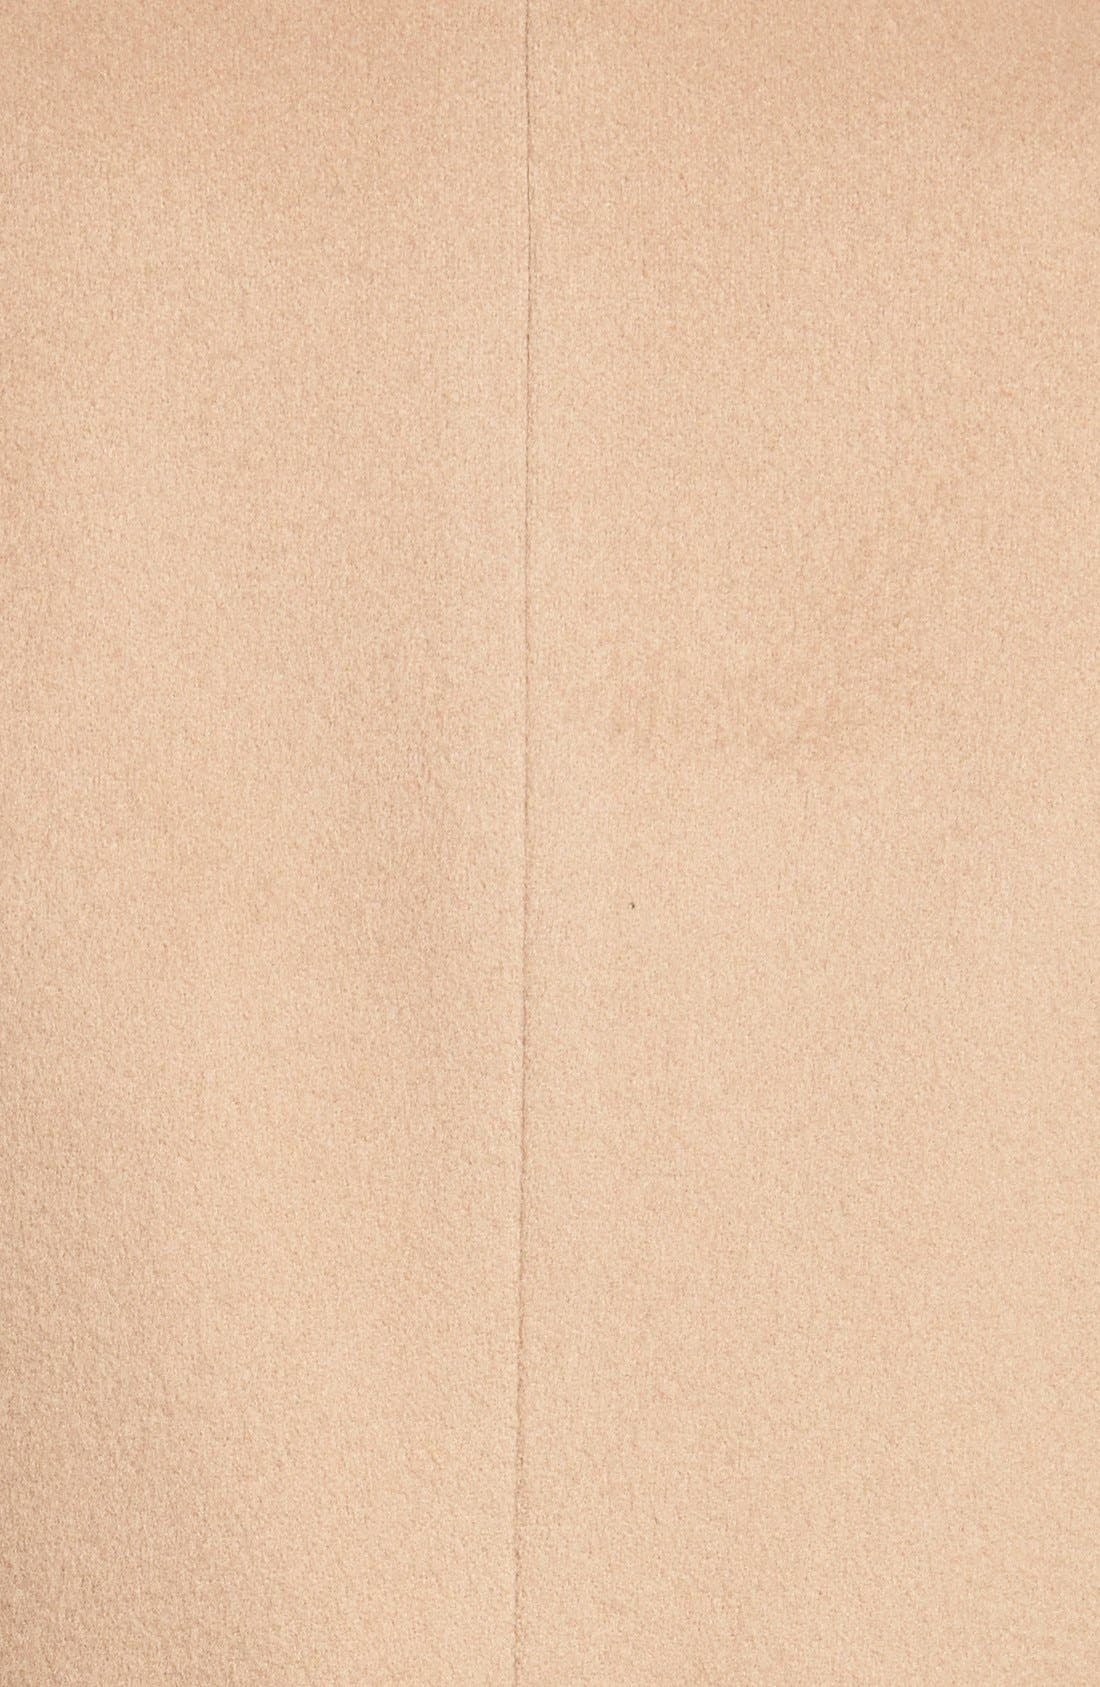 Loro Piana Wool Peacoat,                             Alternate thumbnail 6, color,